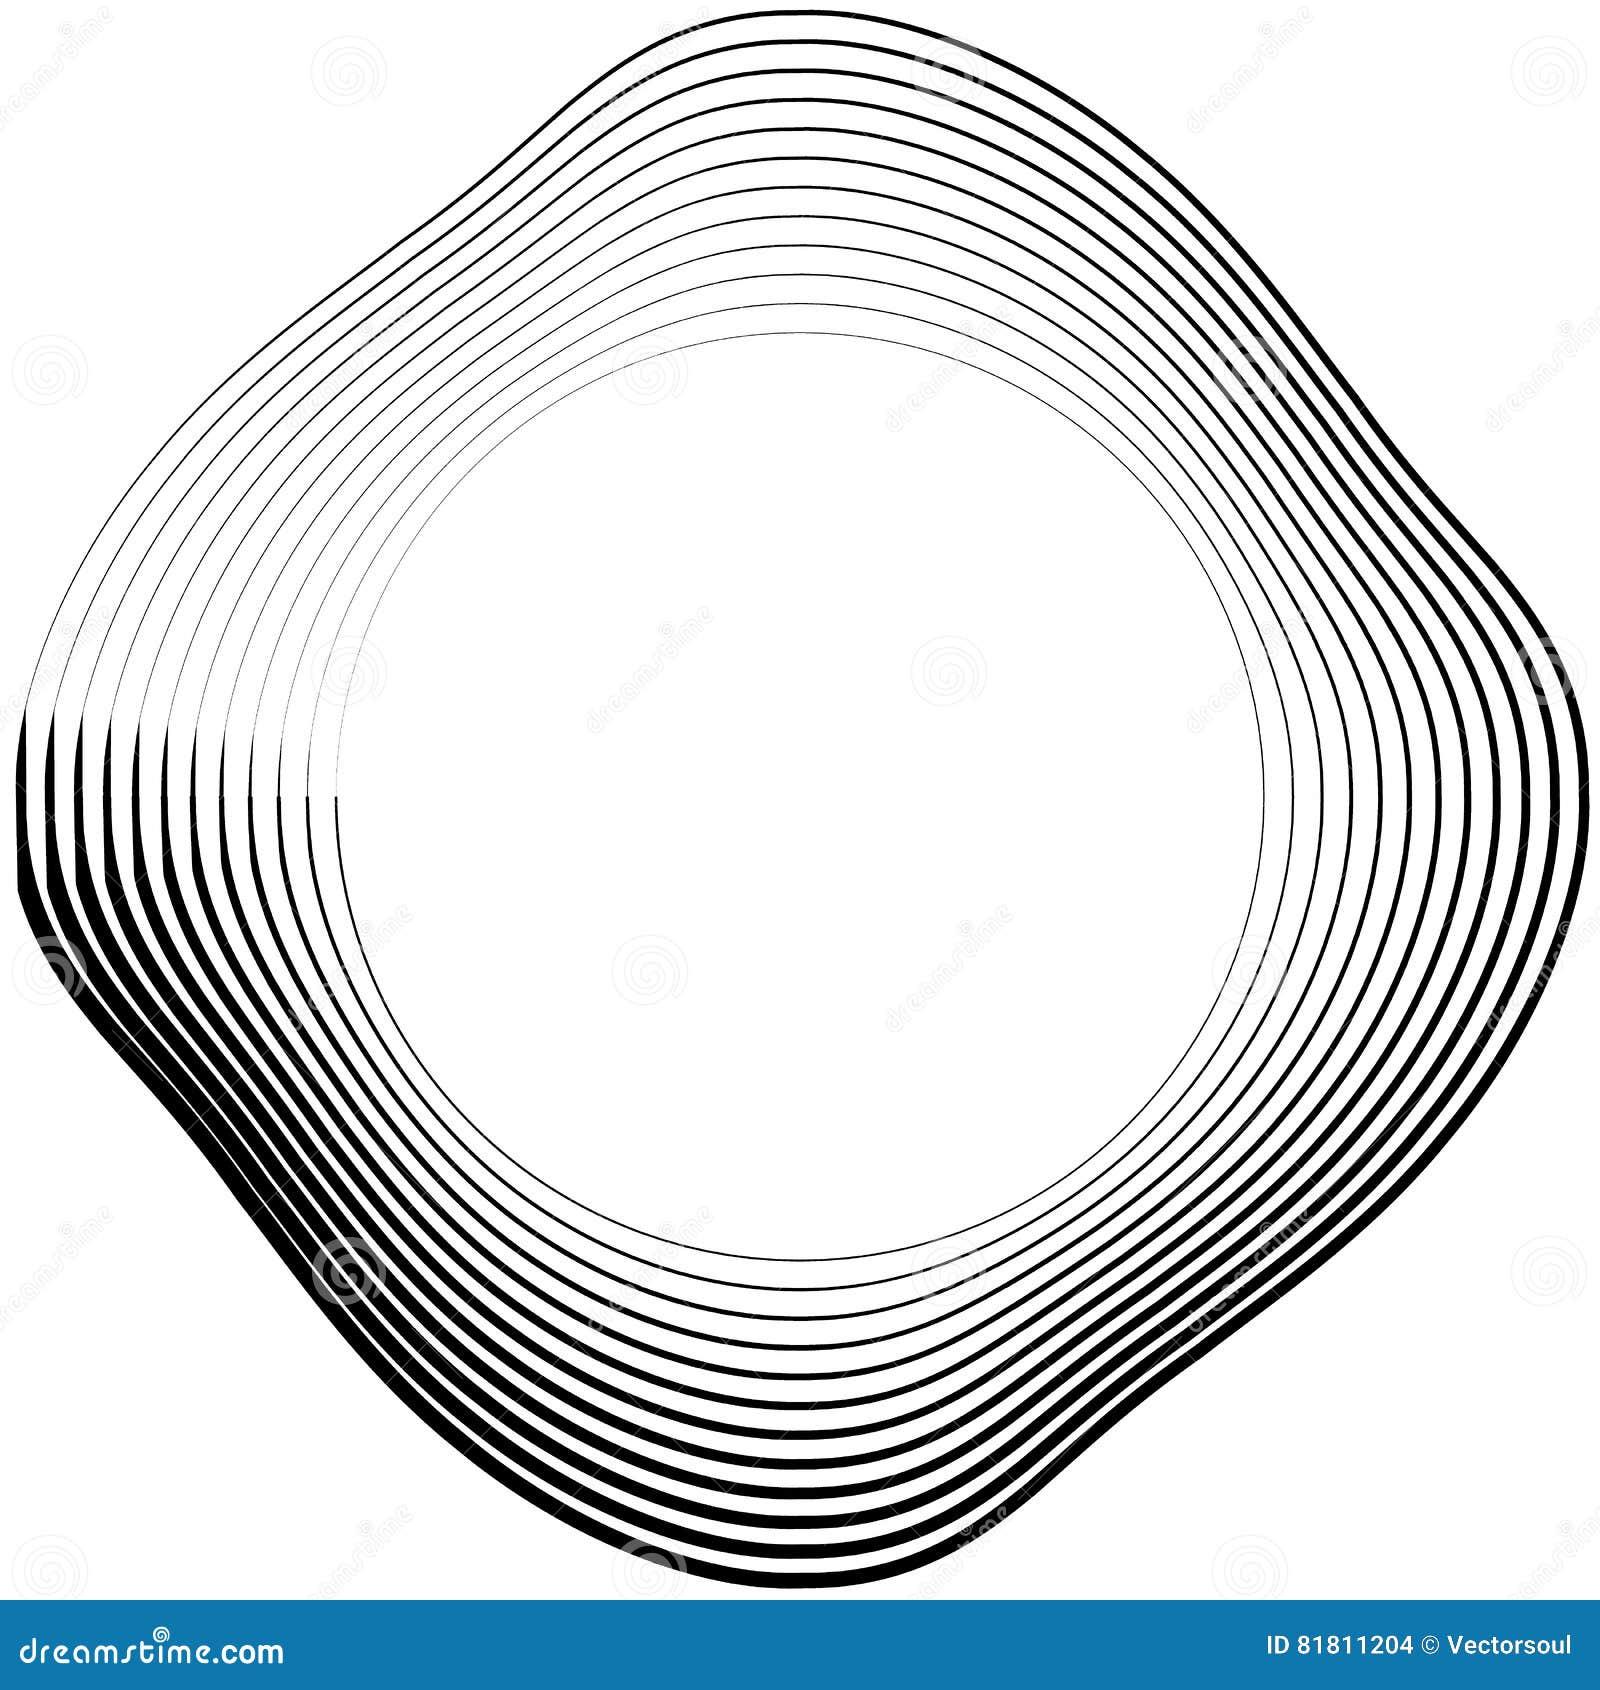 Ele скачками/несимметричный излучать круговое абстрактное геометрическое